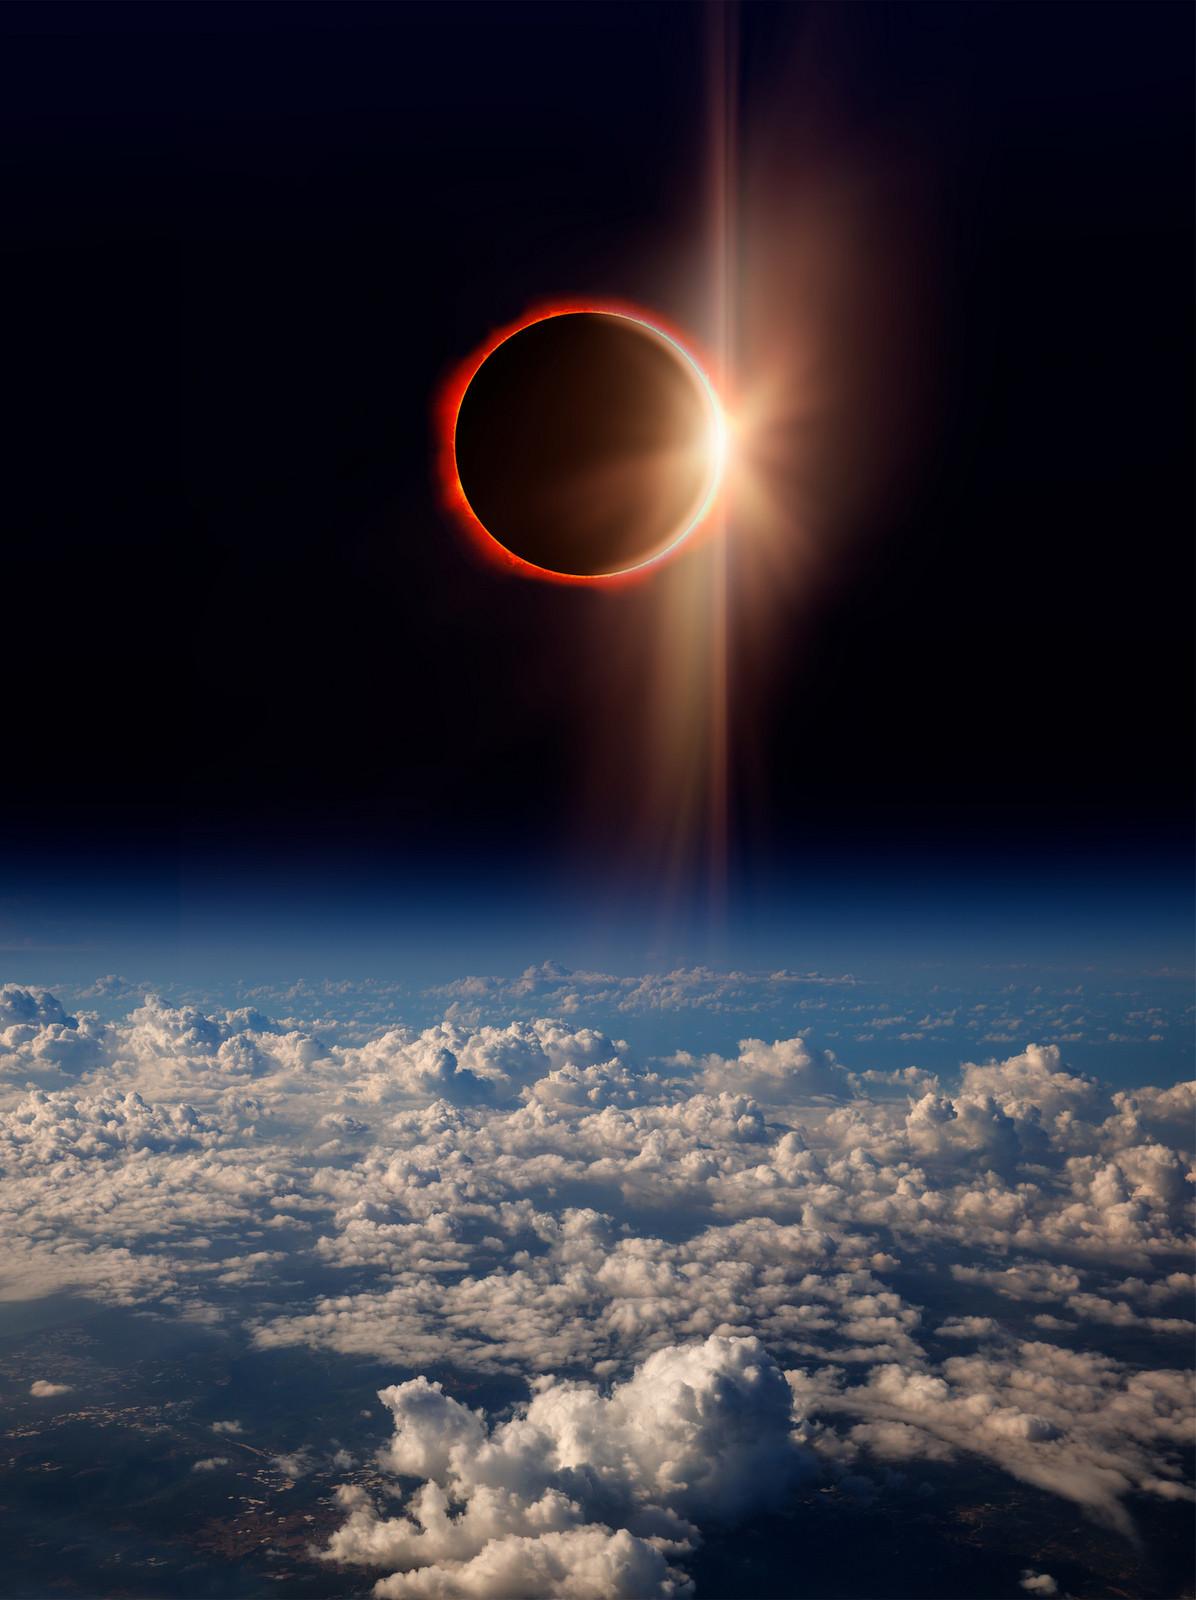 Un eclipse forzoso puede hacer aumentar la temperatura de la Tierra